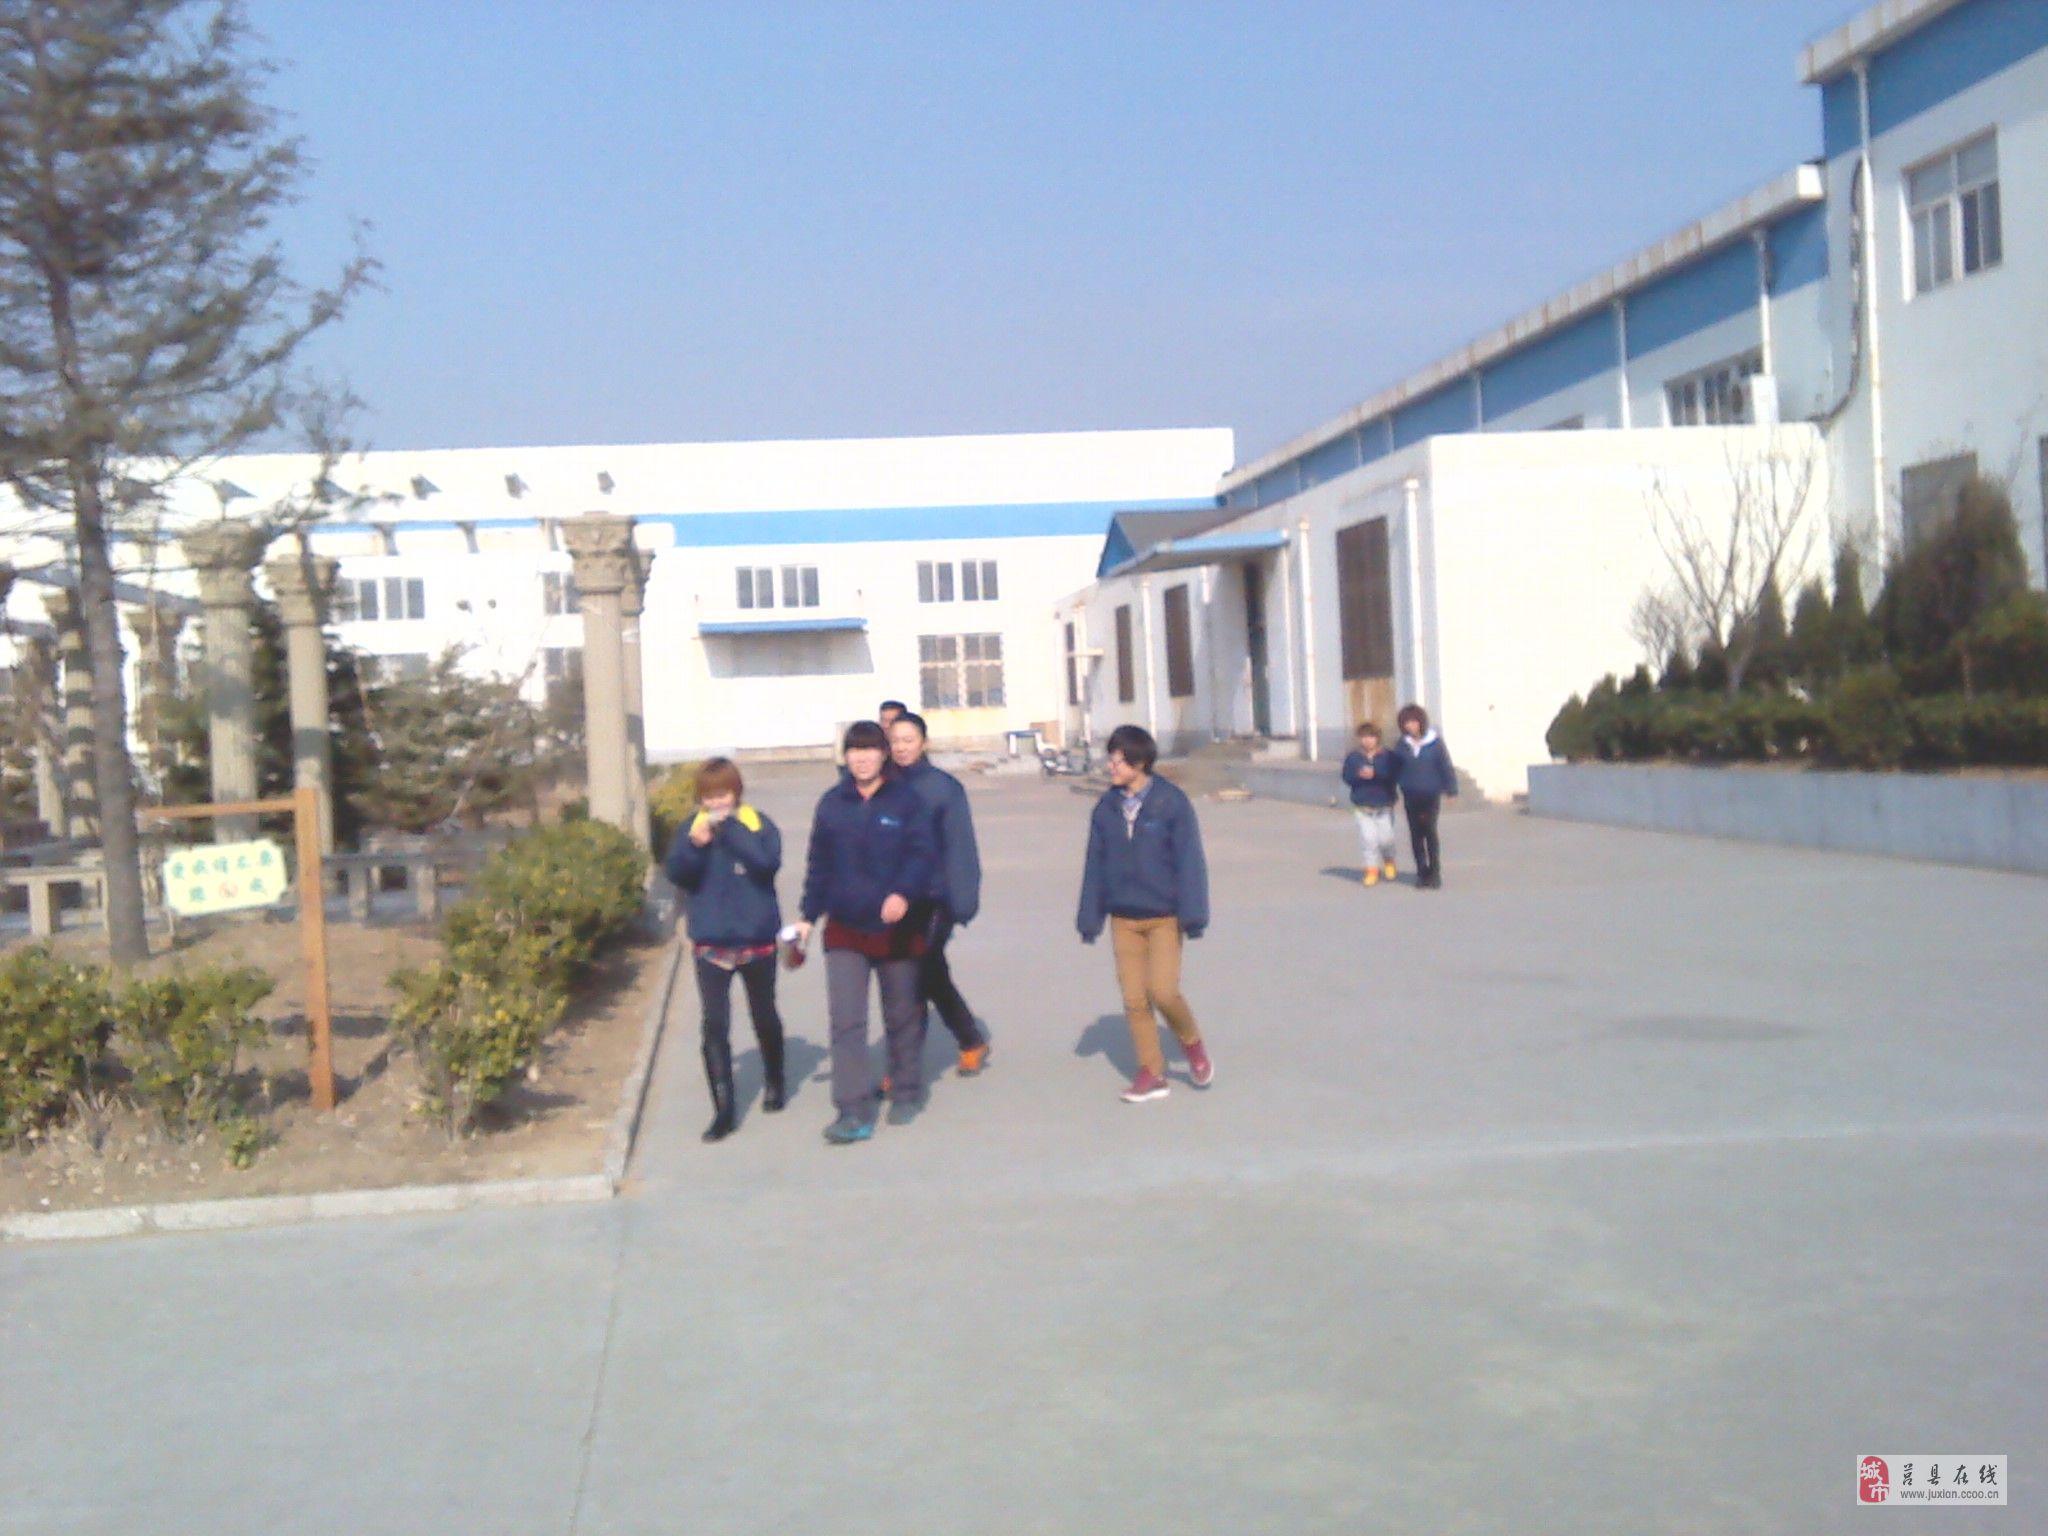 工人/技工 >> 招聘信息  公司名称:青岛汉阳电子有限公司   公司地址